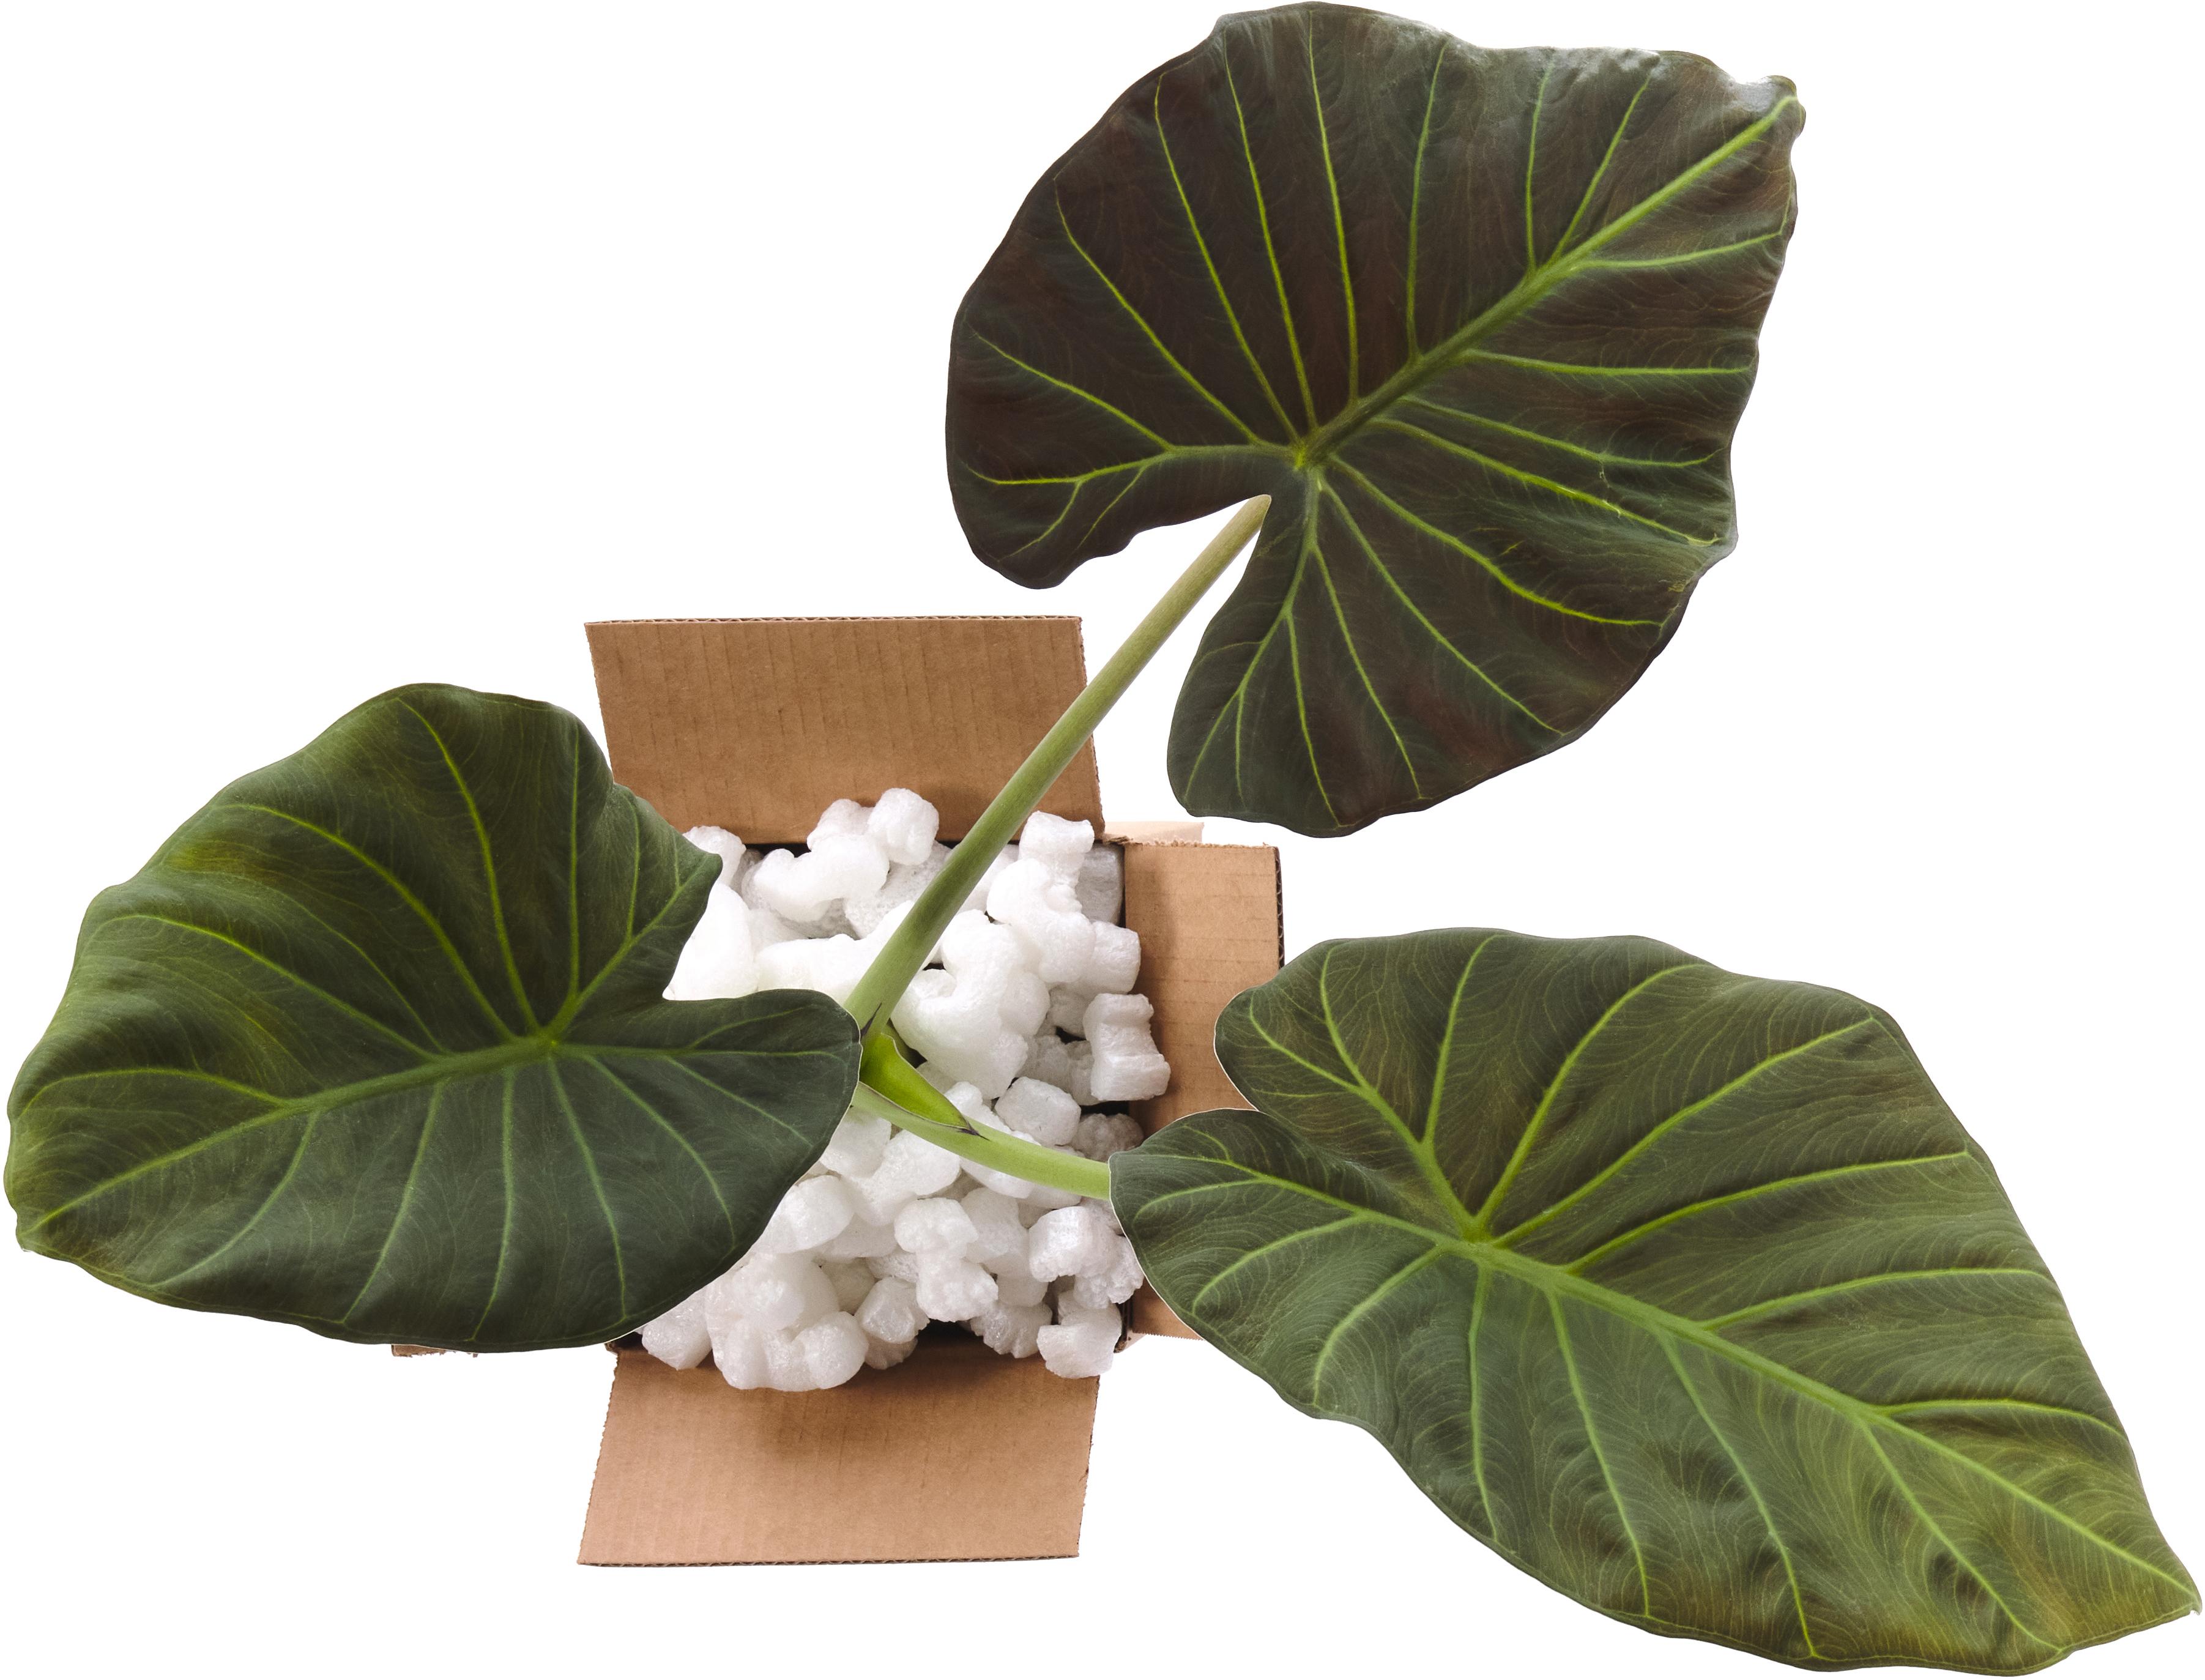 A big leafy plant in a box